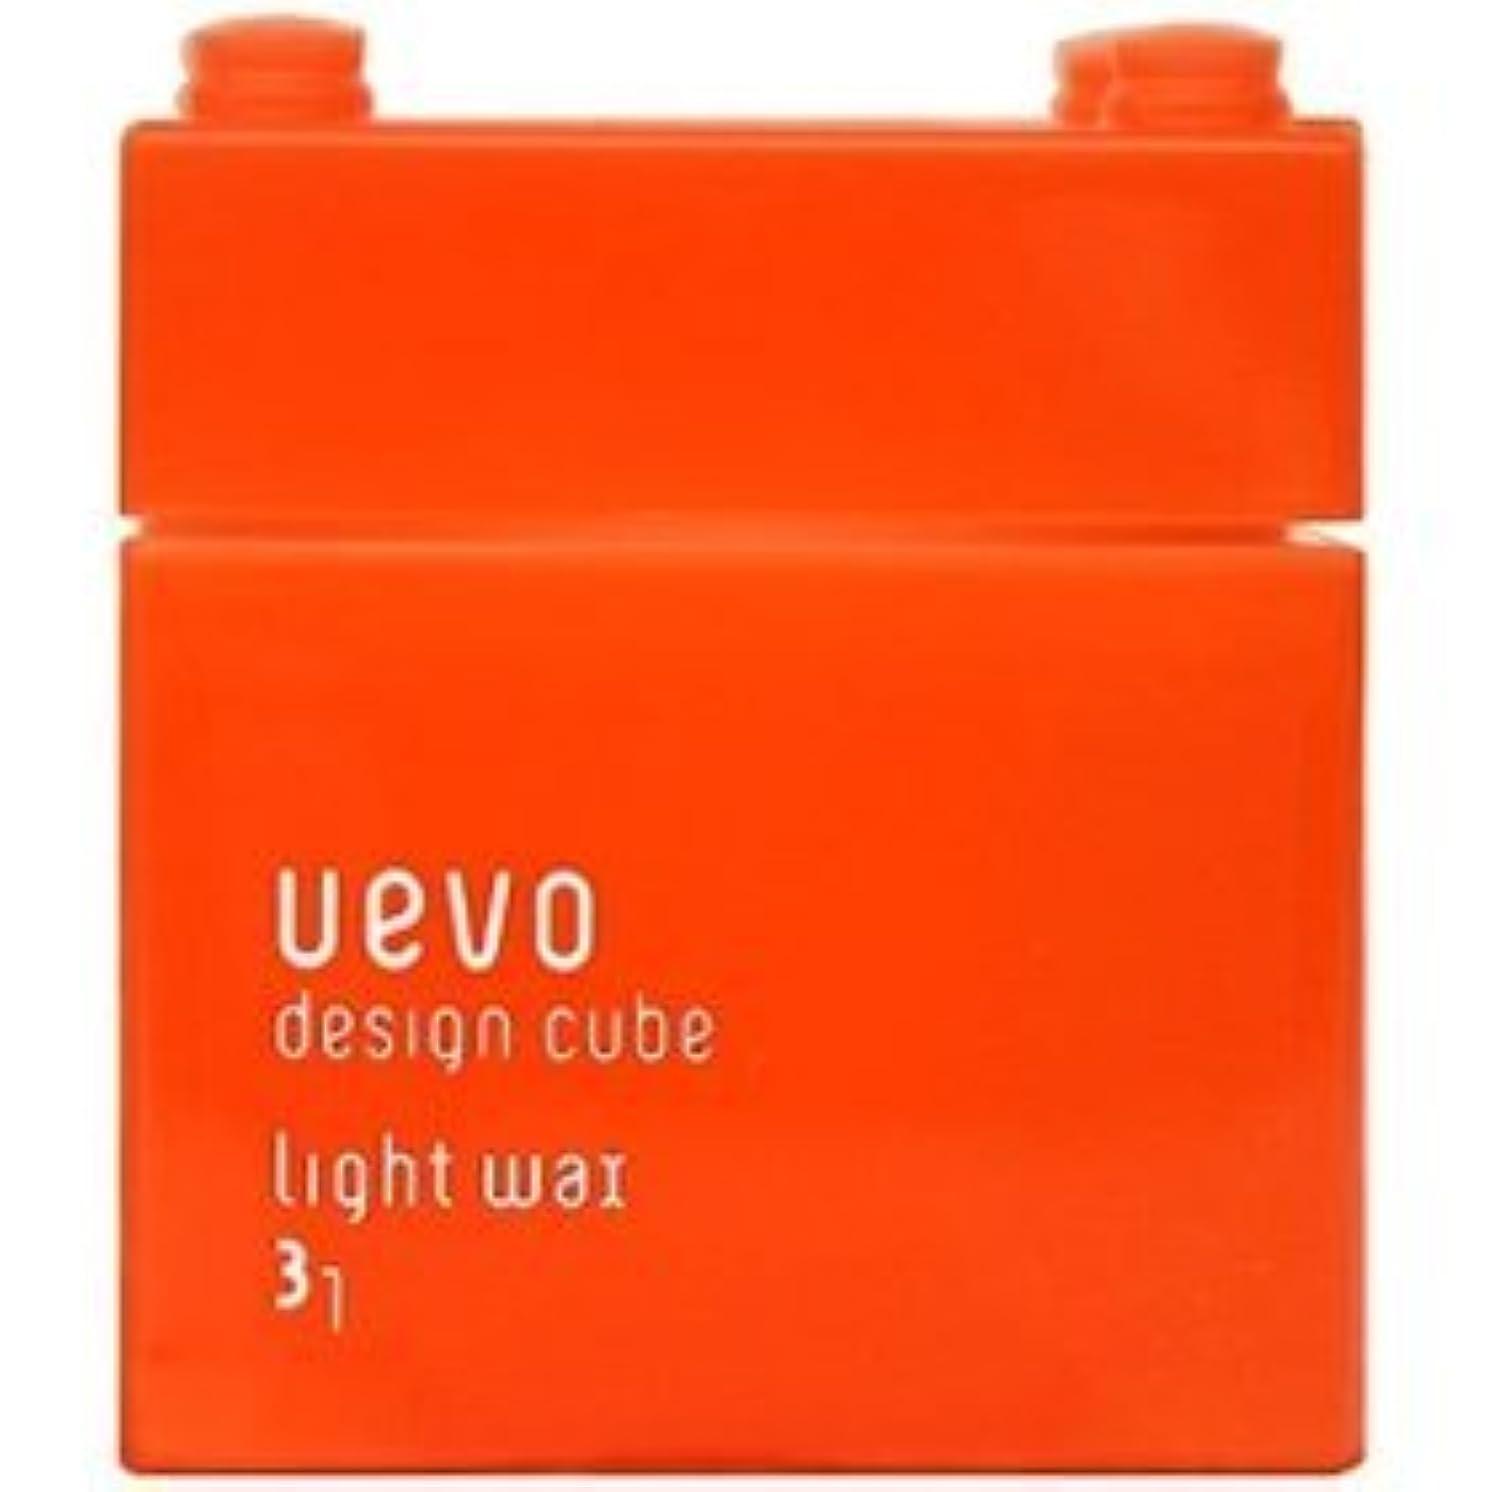 ストレスの多い運賃埋め込む【X5個セット】 デミ ウェーボ デザインキューブ ライトワックス 80g